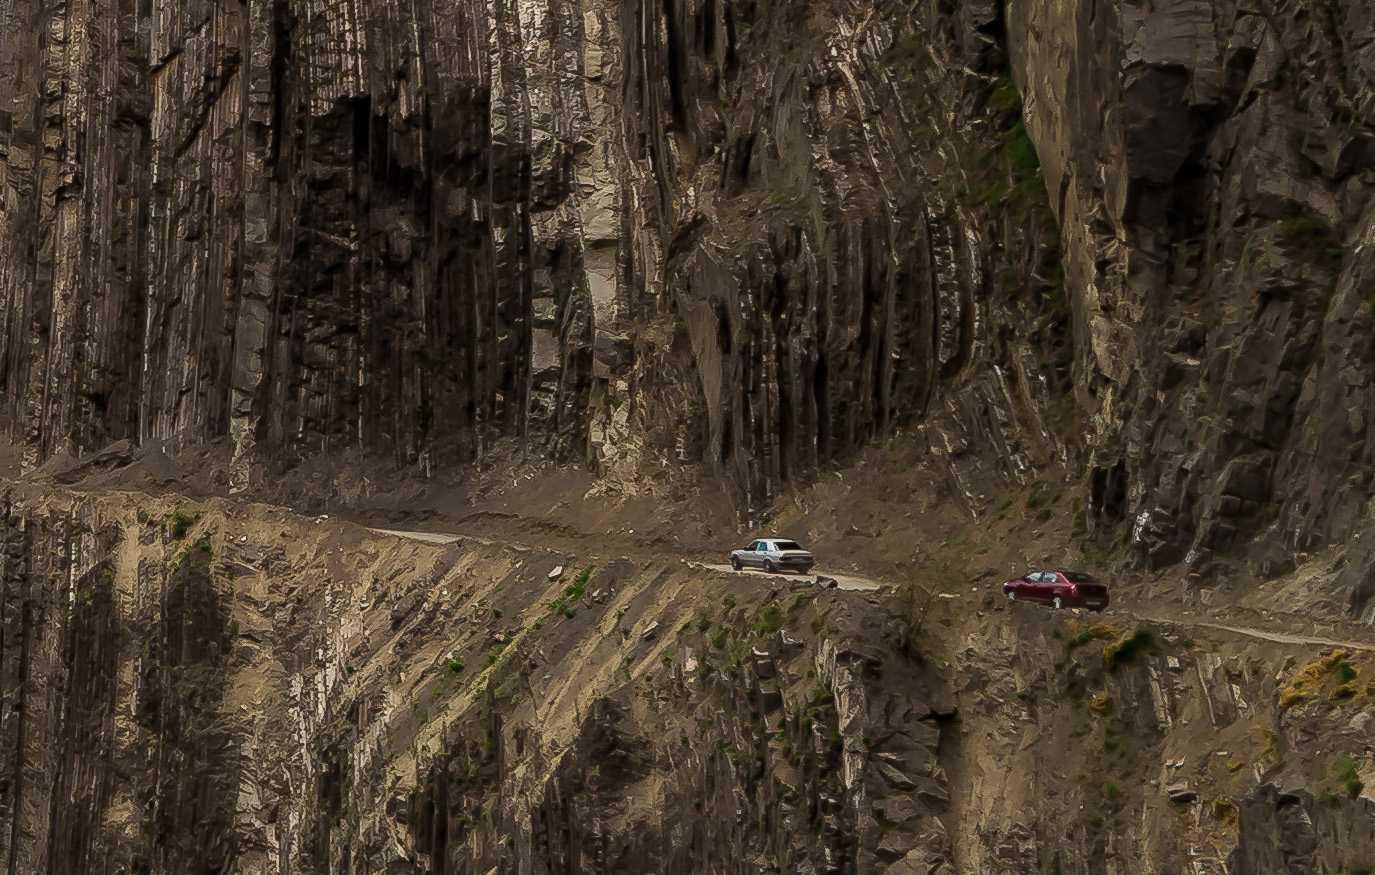 يجمع بين الخطر والجمال.. مصور يروي تجربته المشبعة بالأدرينالين على طريق شديد الخطورة بأذربيجان